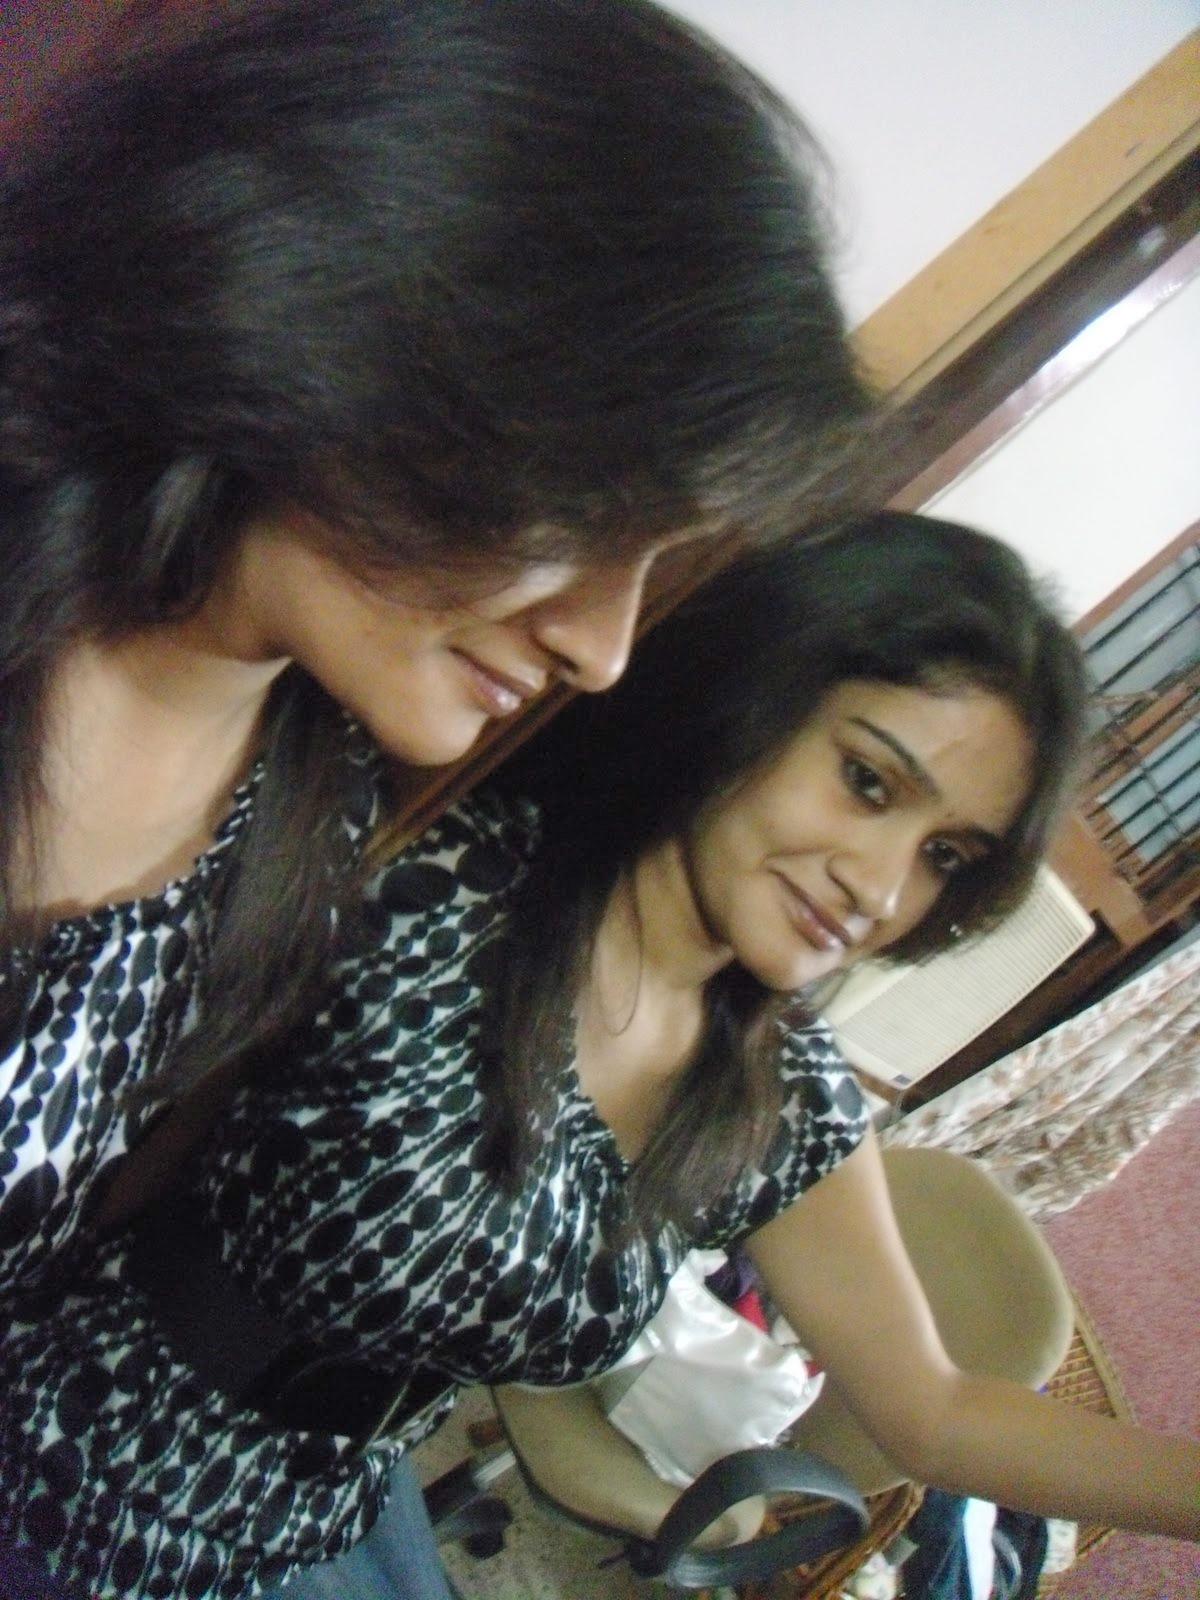 desi sex sithi koothi pundai tamil pussy tamil girl removing